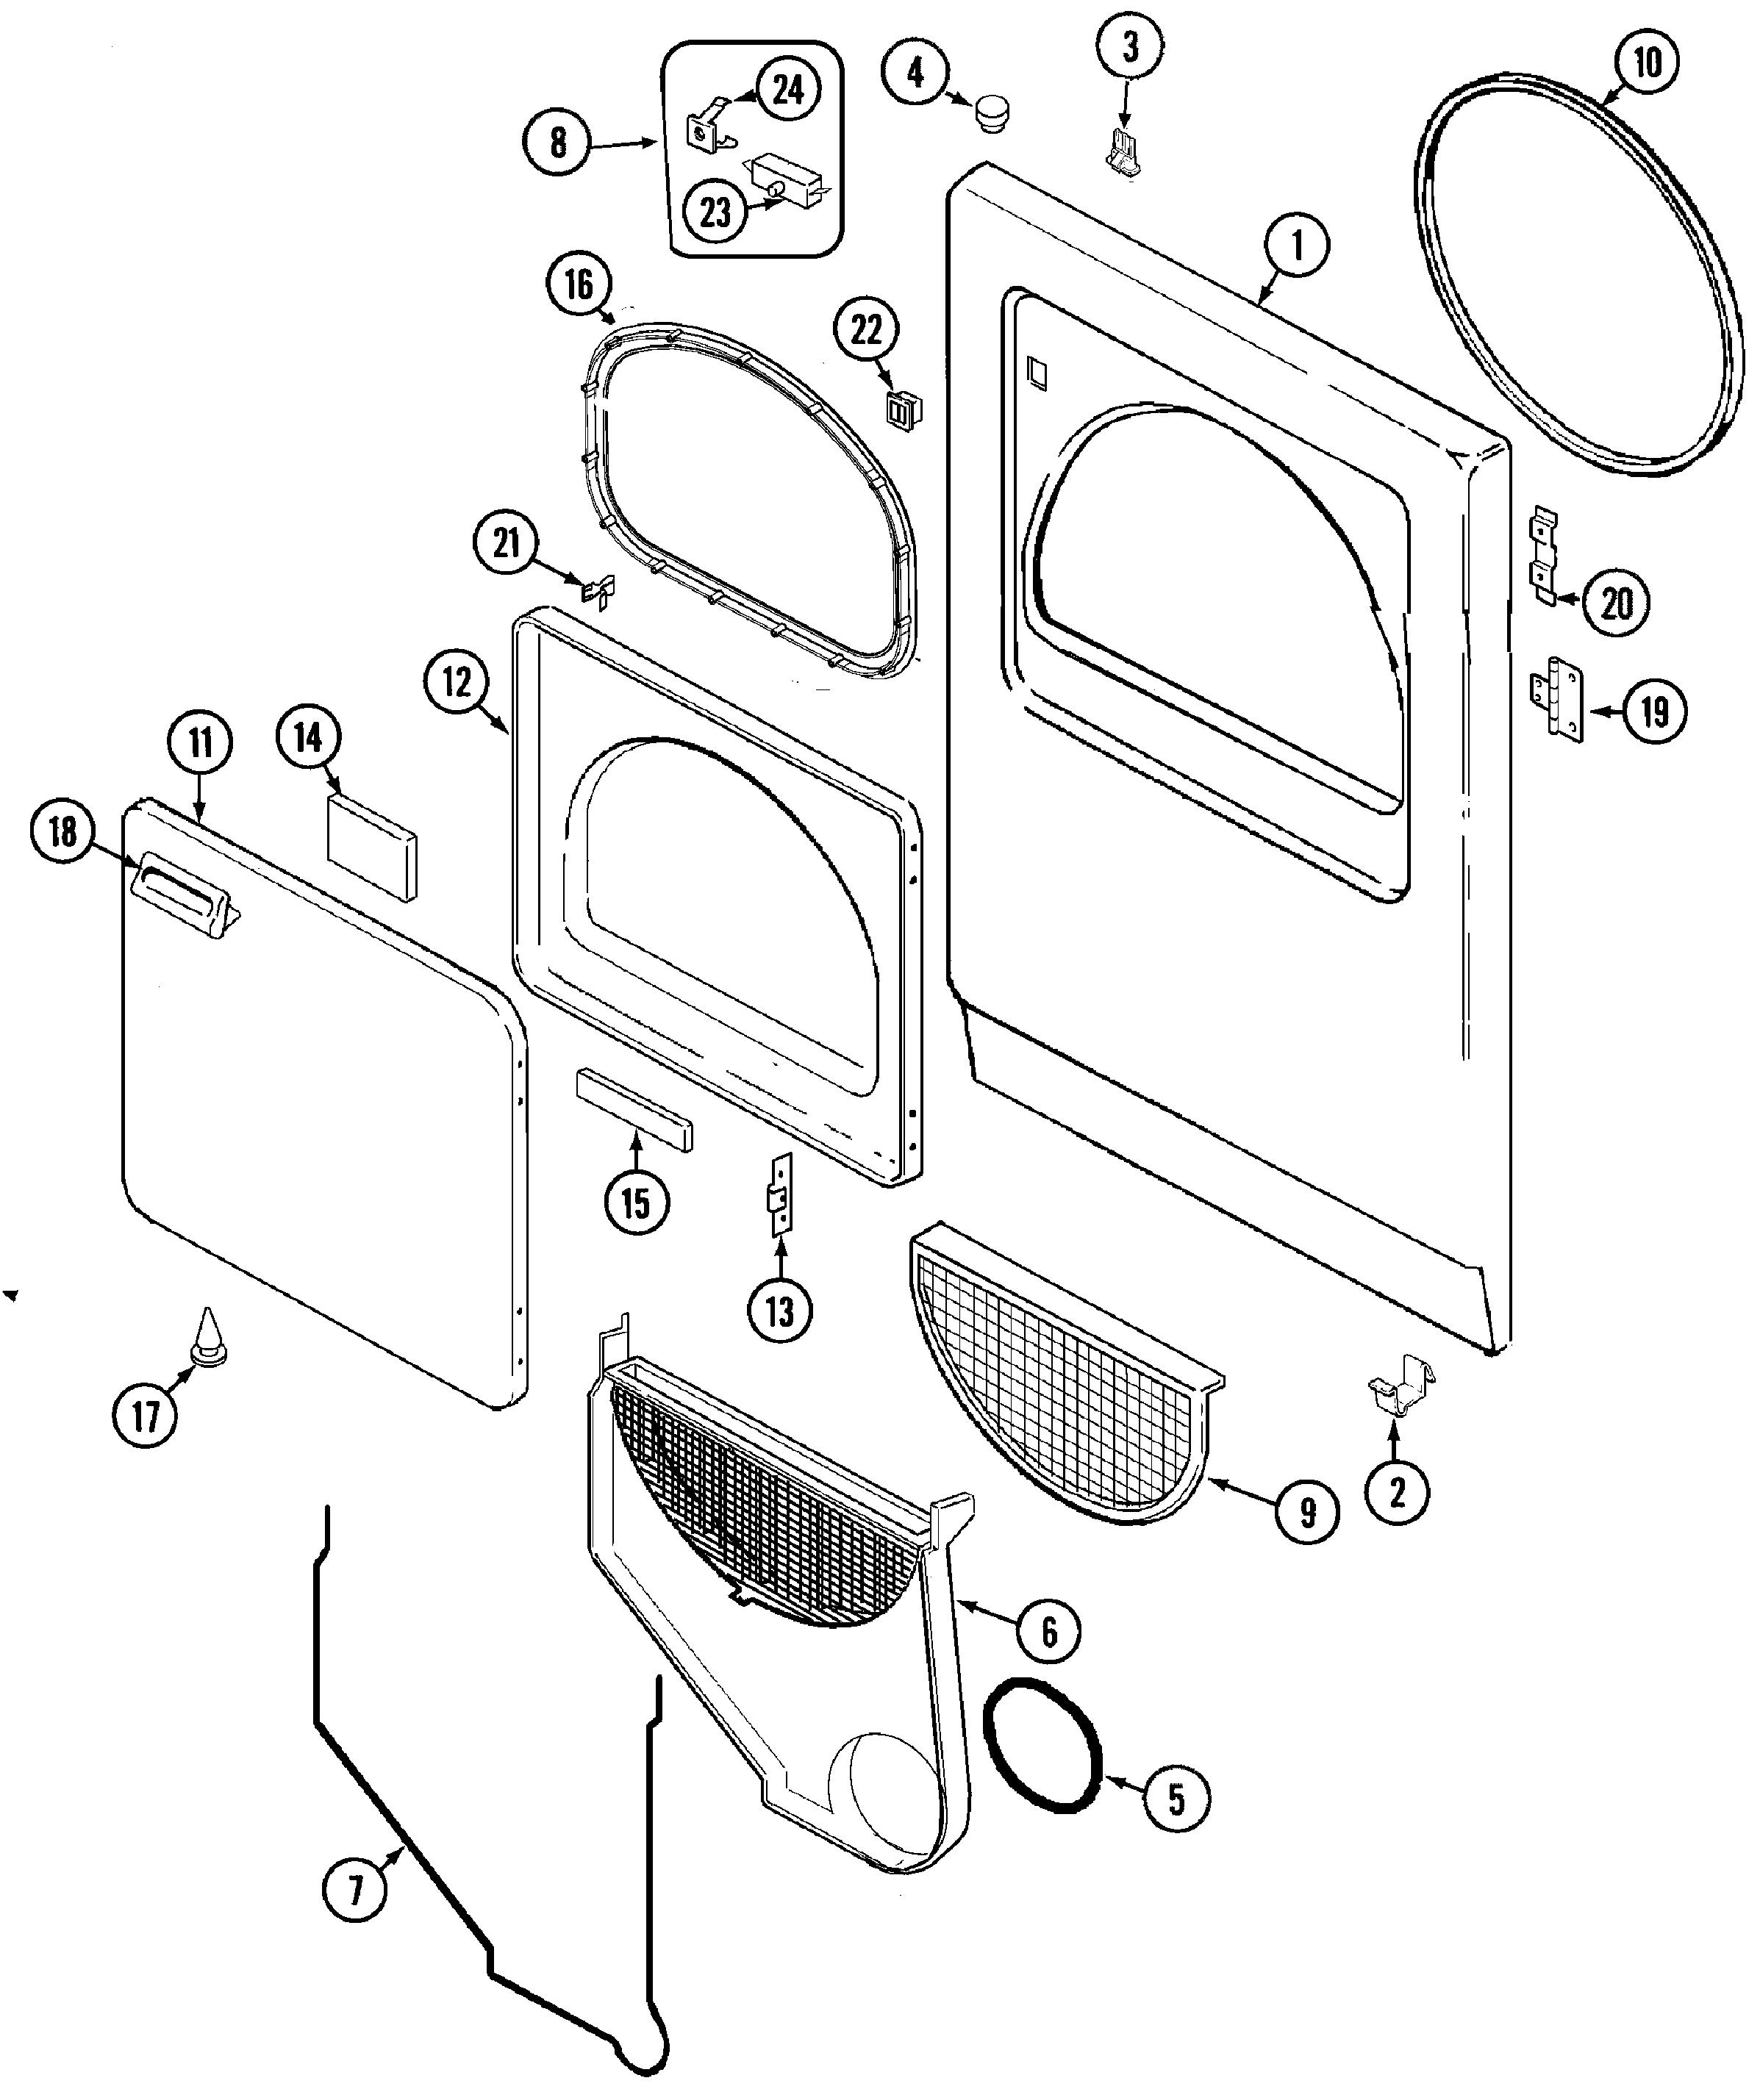 Admiral Dryer Wiring Diagram